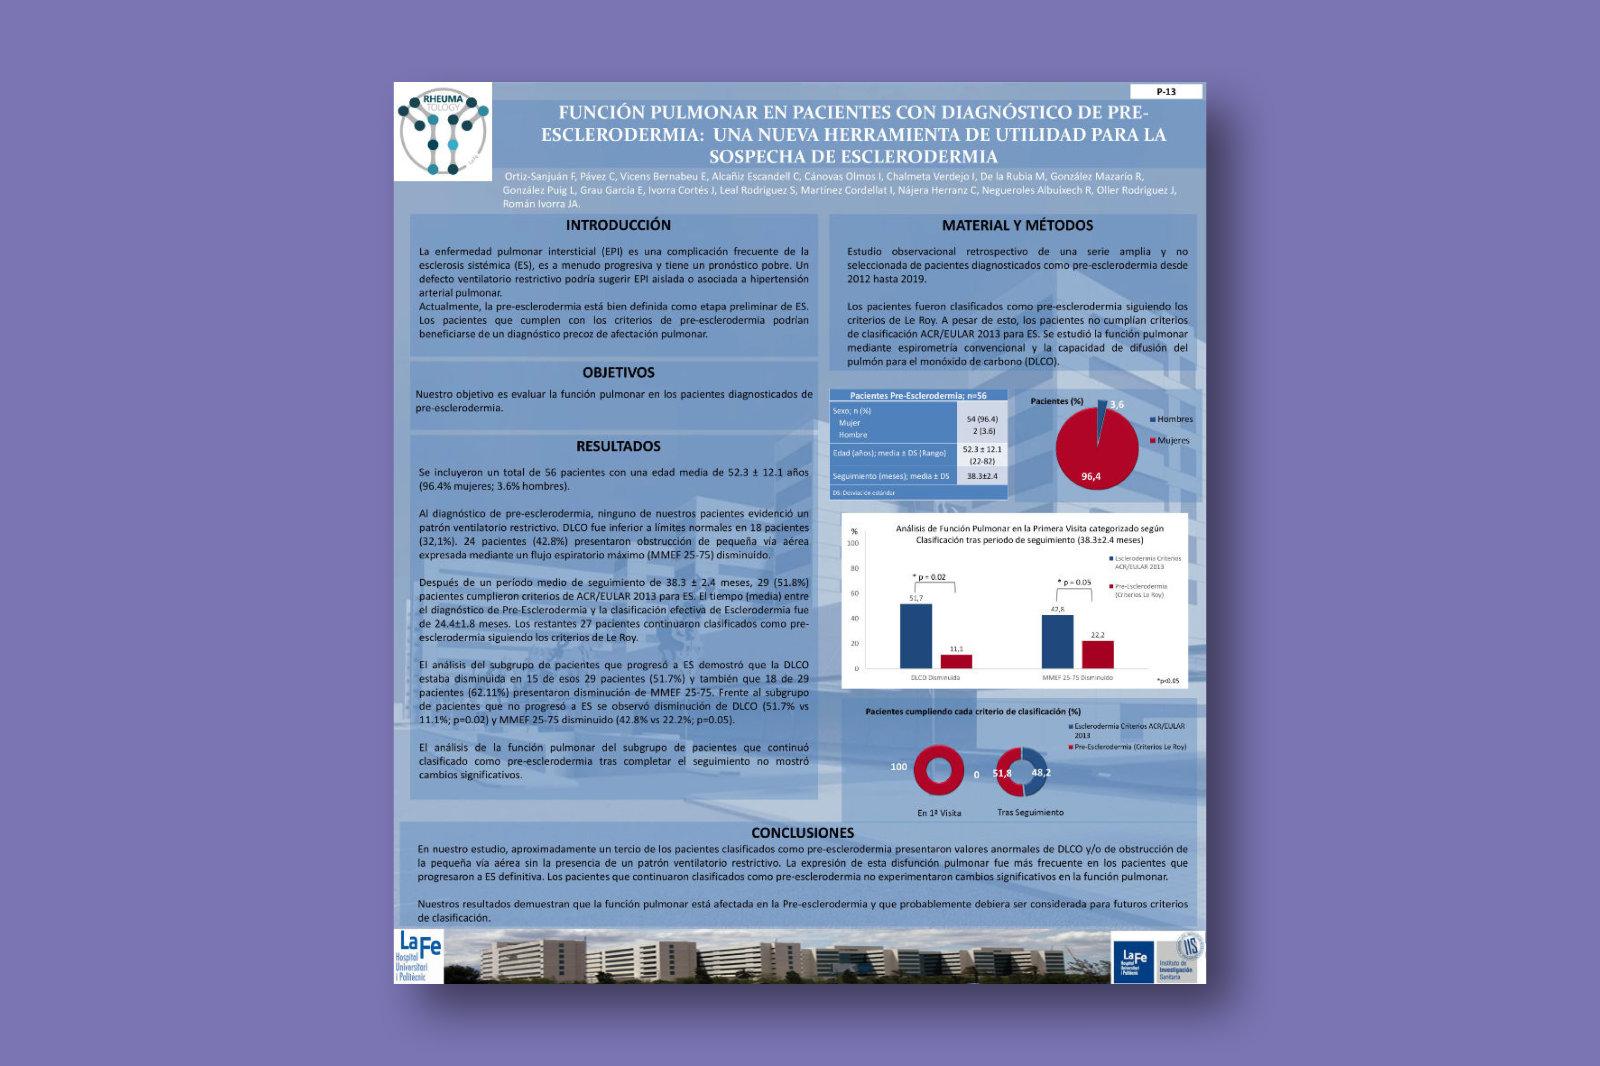 Función pulmonar en pacientes con diagnóstico de pre-esclerodermia: una nueva herramienta de utilidad para la sospecha de esclerodermia